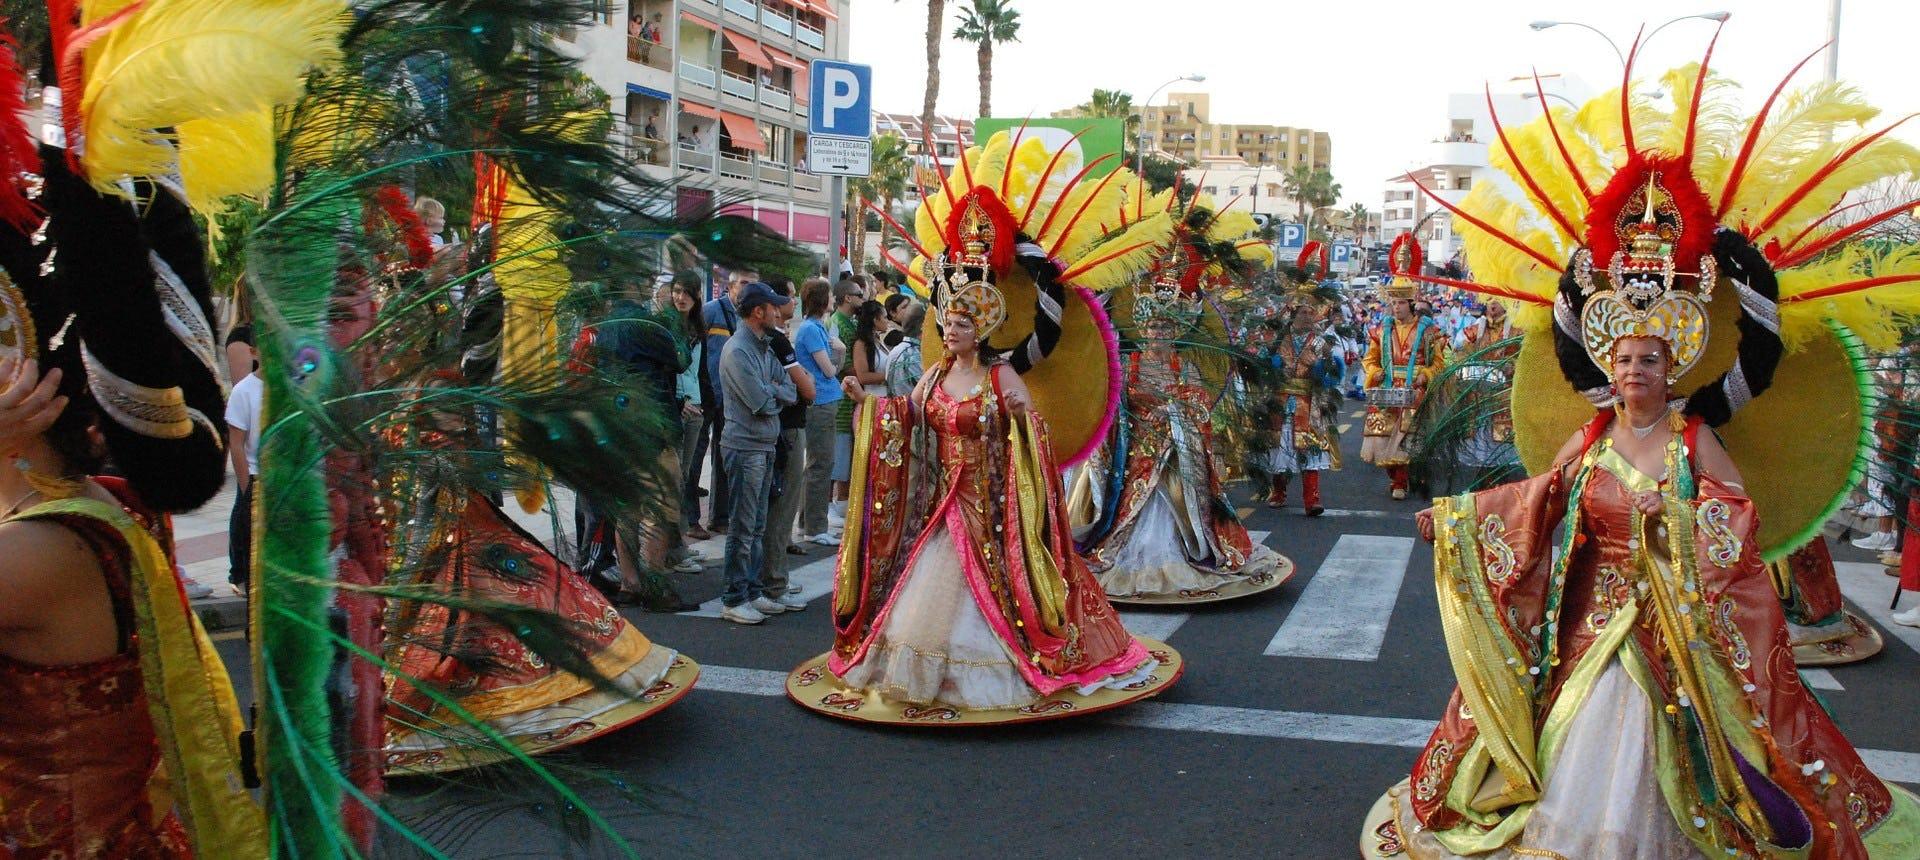 Karneval på Tenerife © office15, Pixabay